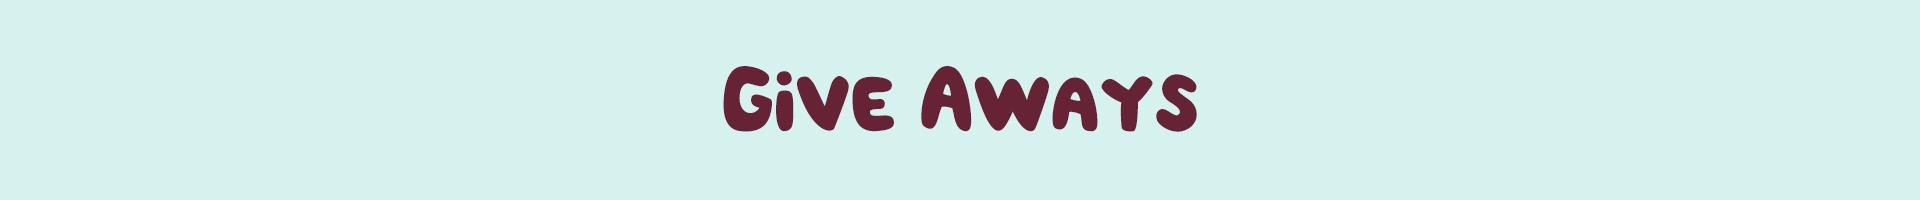 kat-give-aways